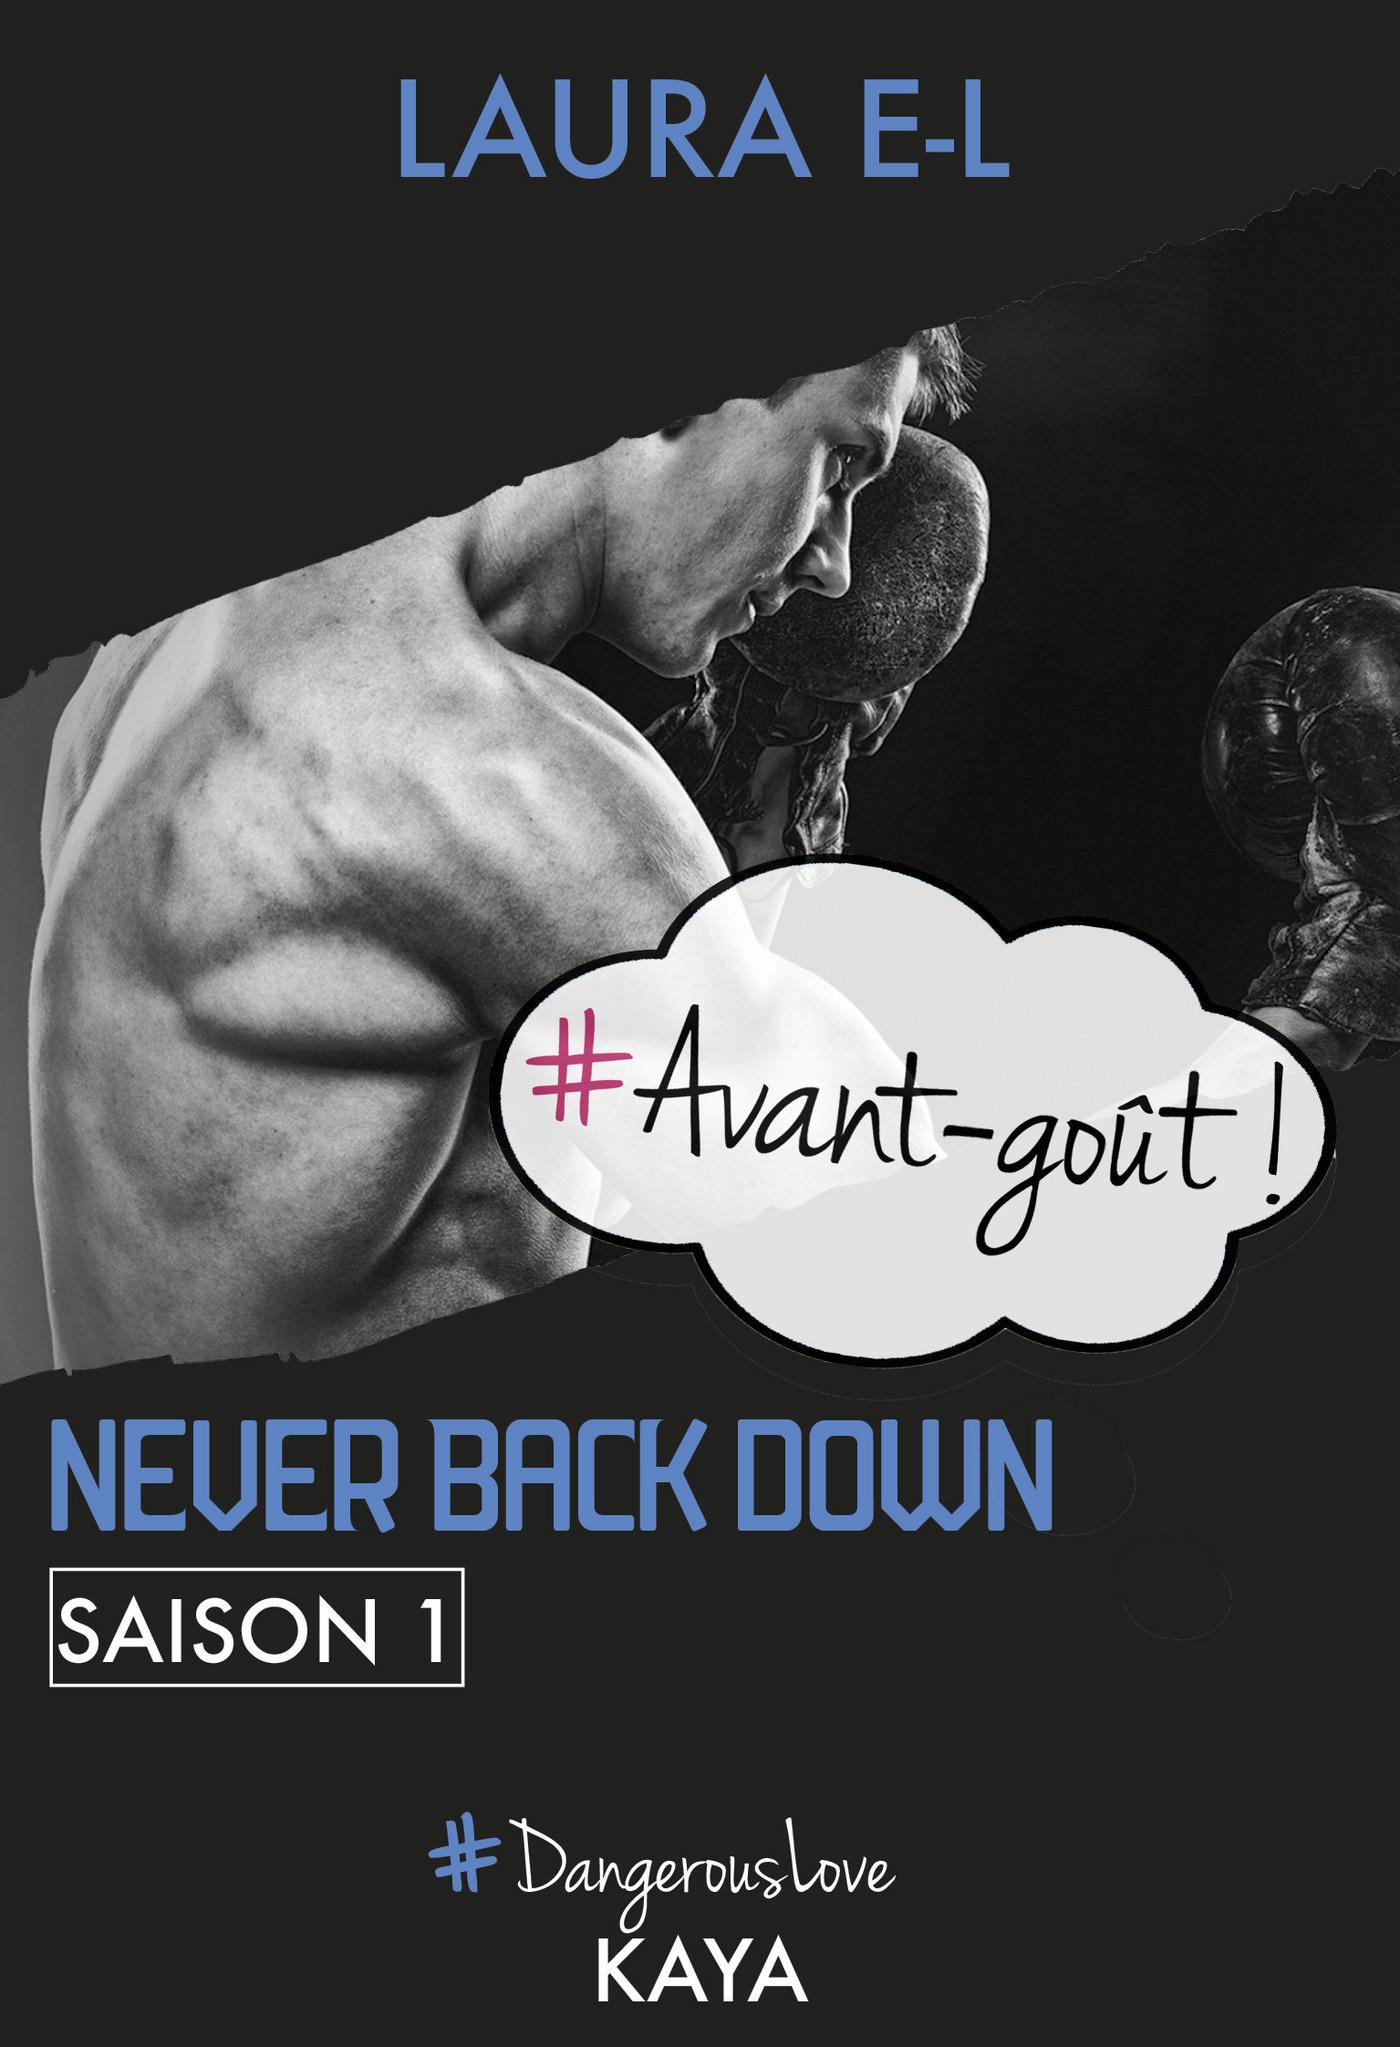 Never Back Down - saison 1 - Avant-goût!